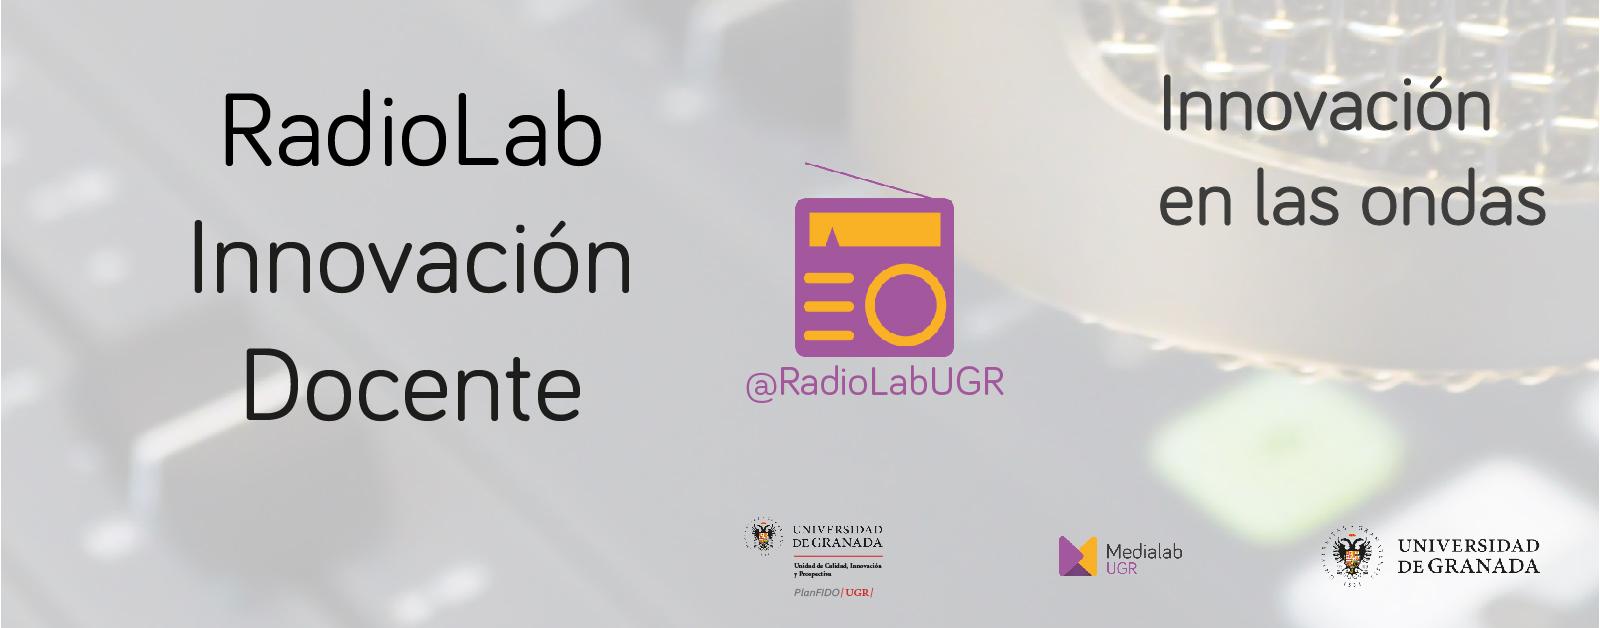 ¿Estás en la onda de la innovación? Arranca Radiolab Innovación Docente